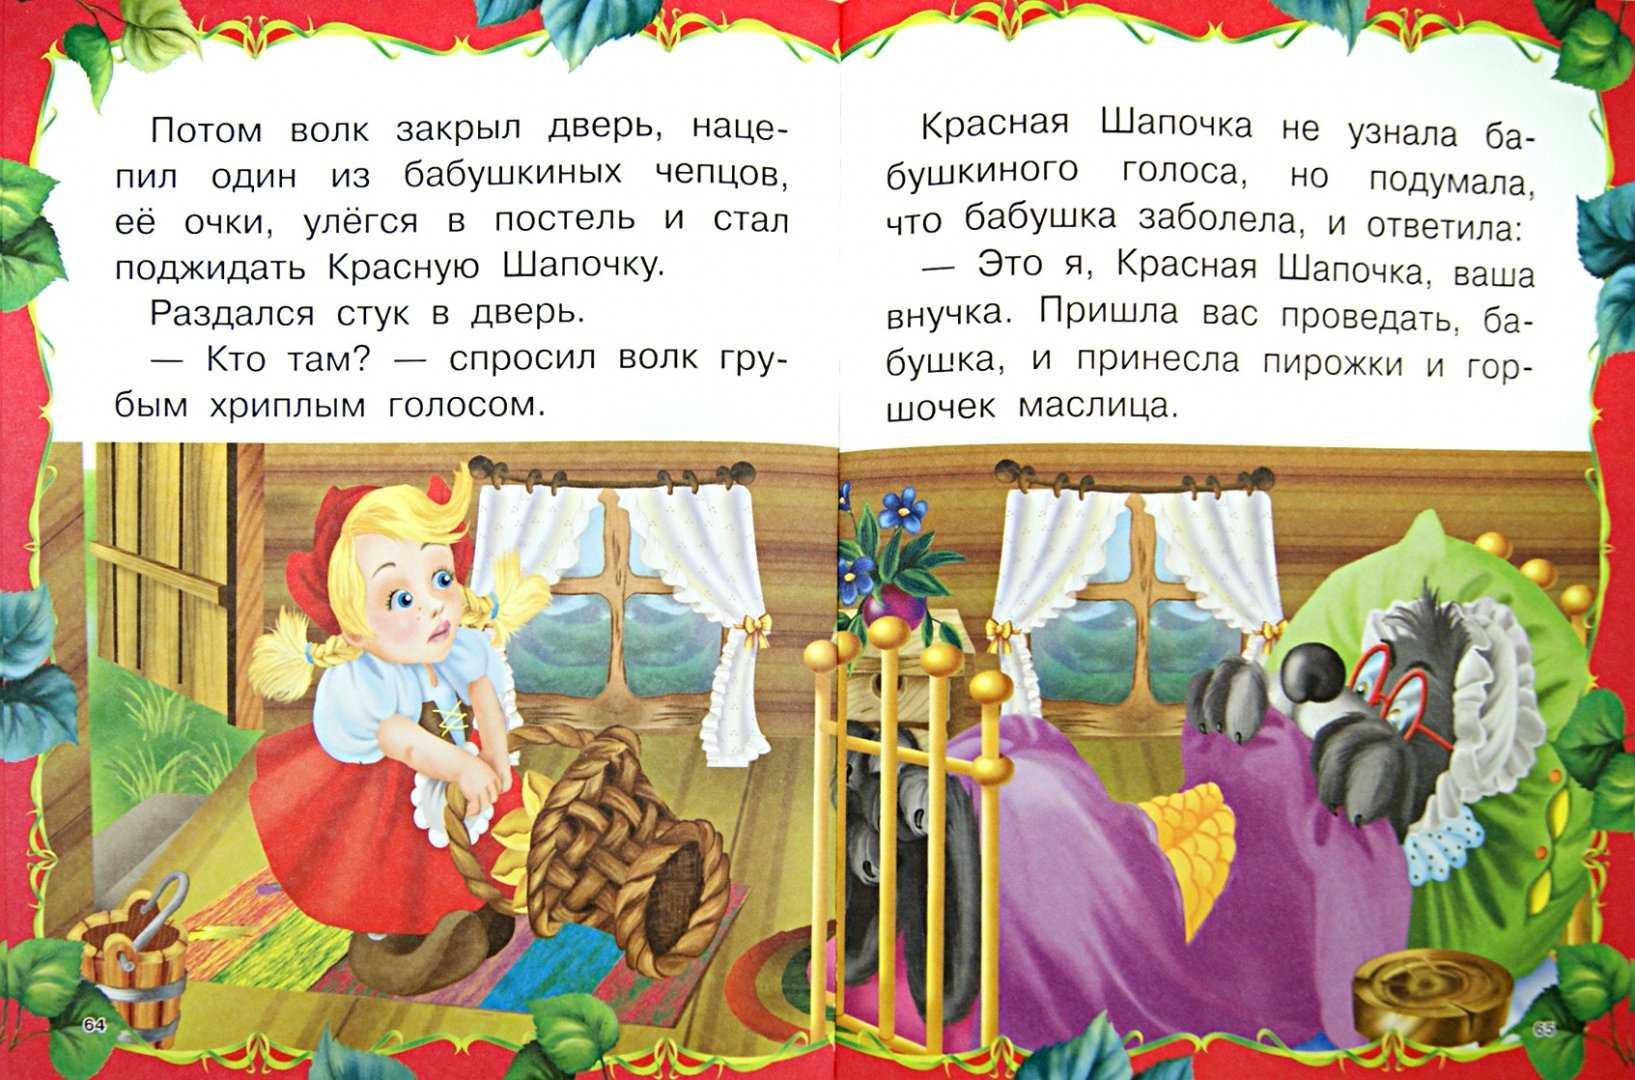 Сказки добрые - читать для детей онлайн